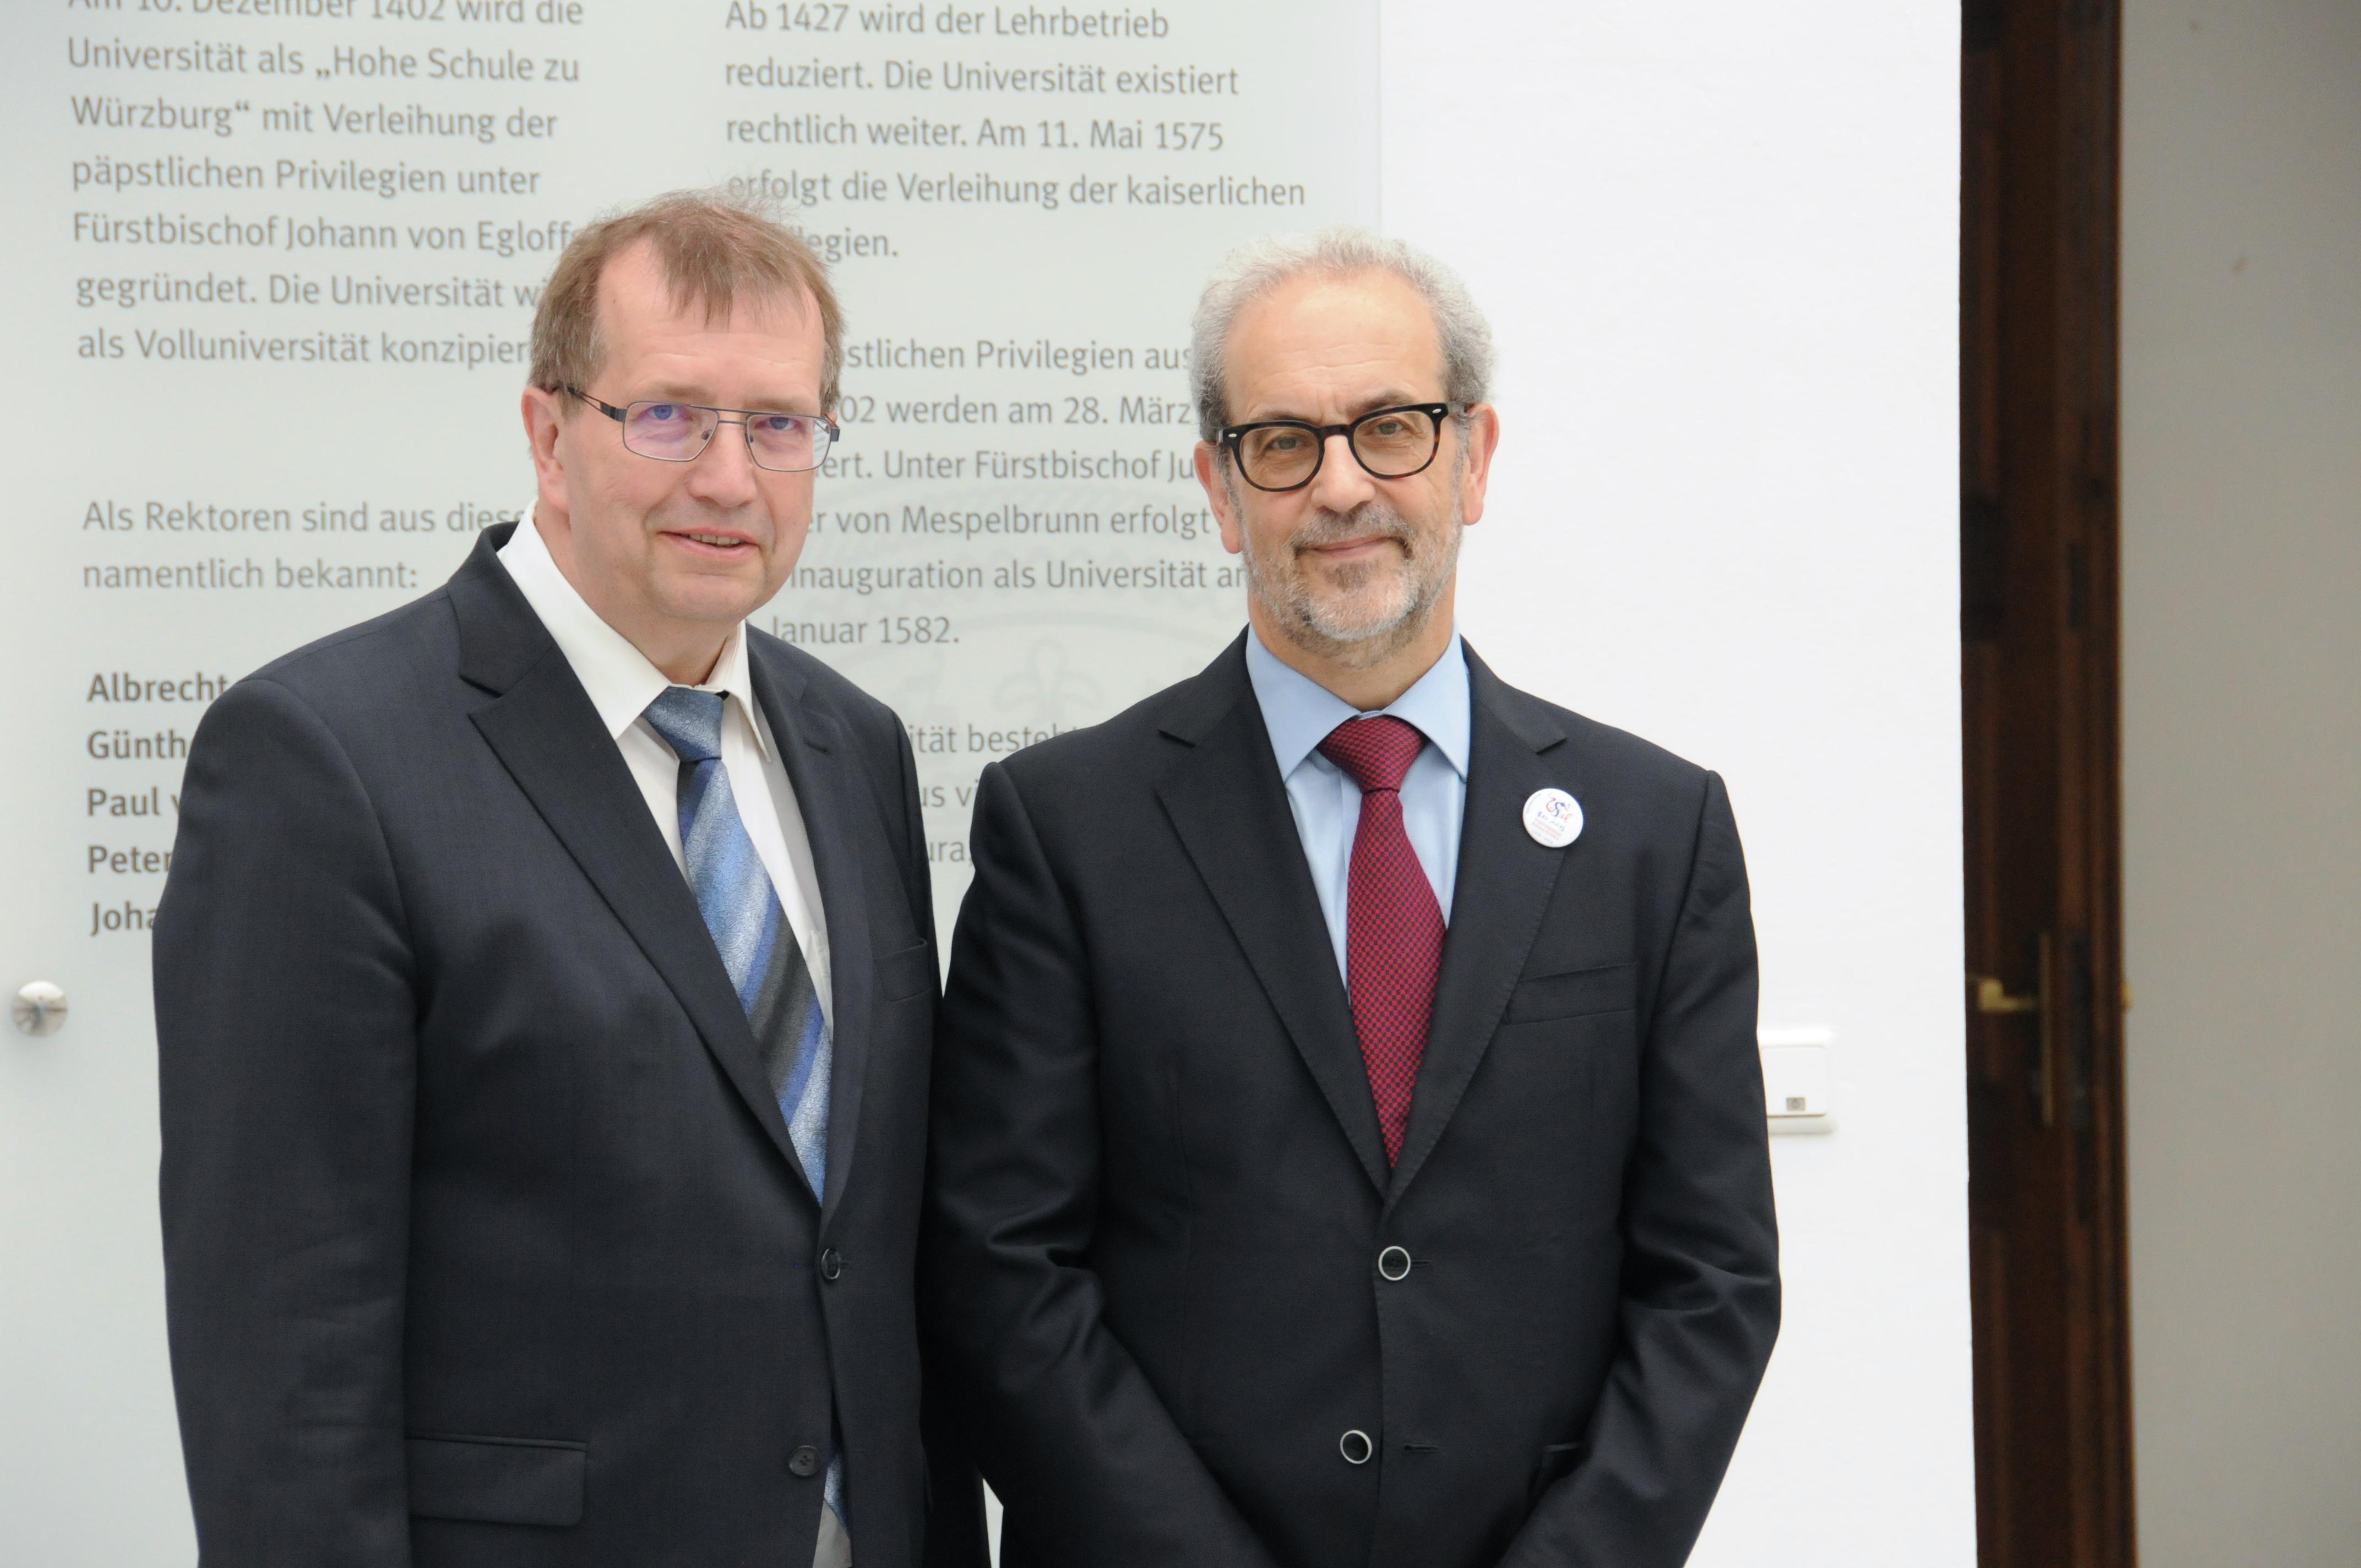 El rector de la Universidad de Salamanca realiza un viaje institucional a la ciudad de Würzburg